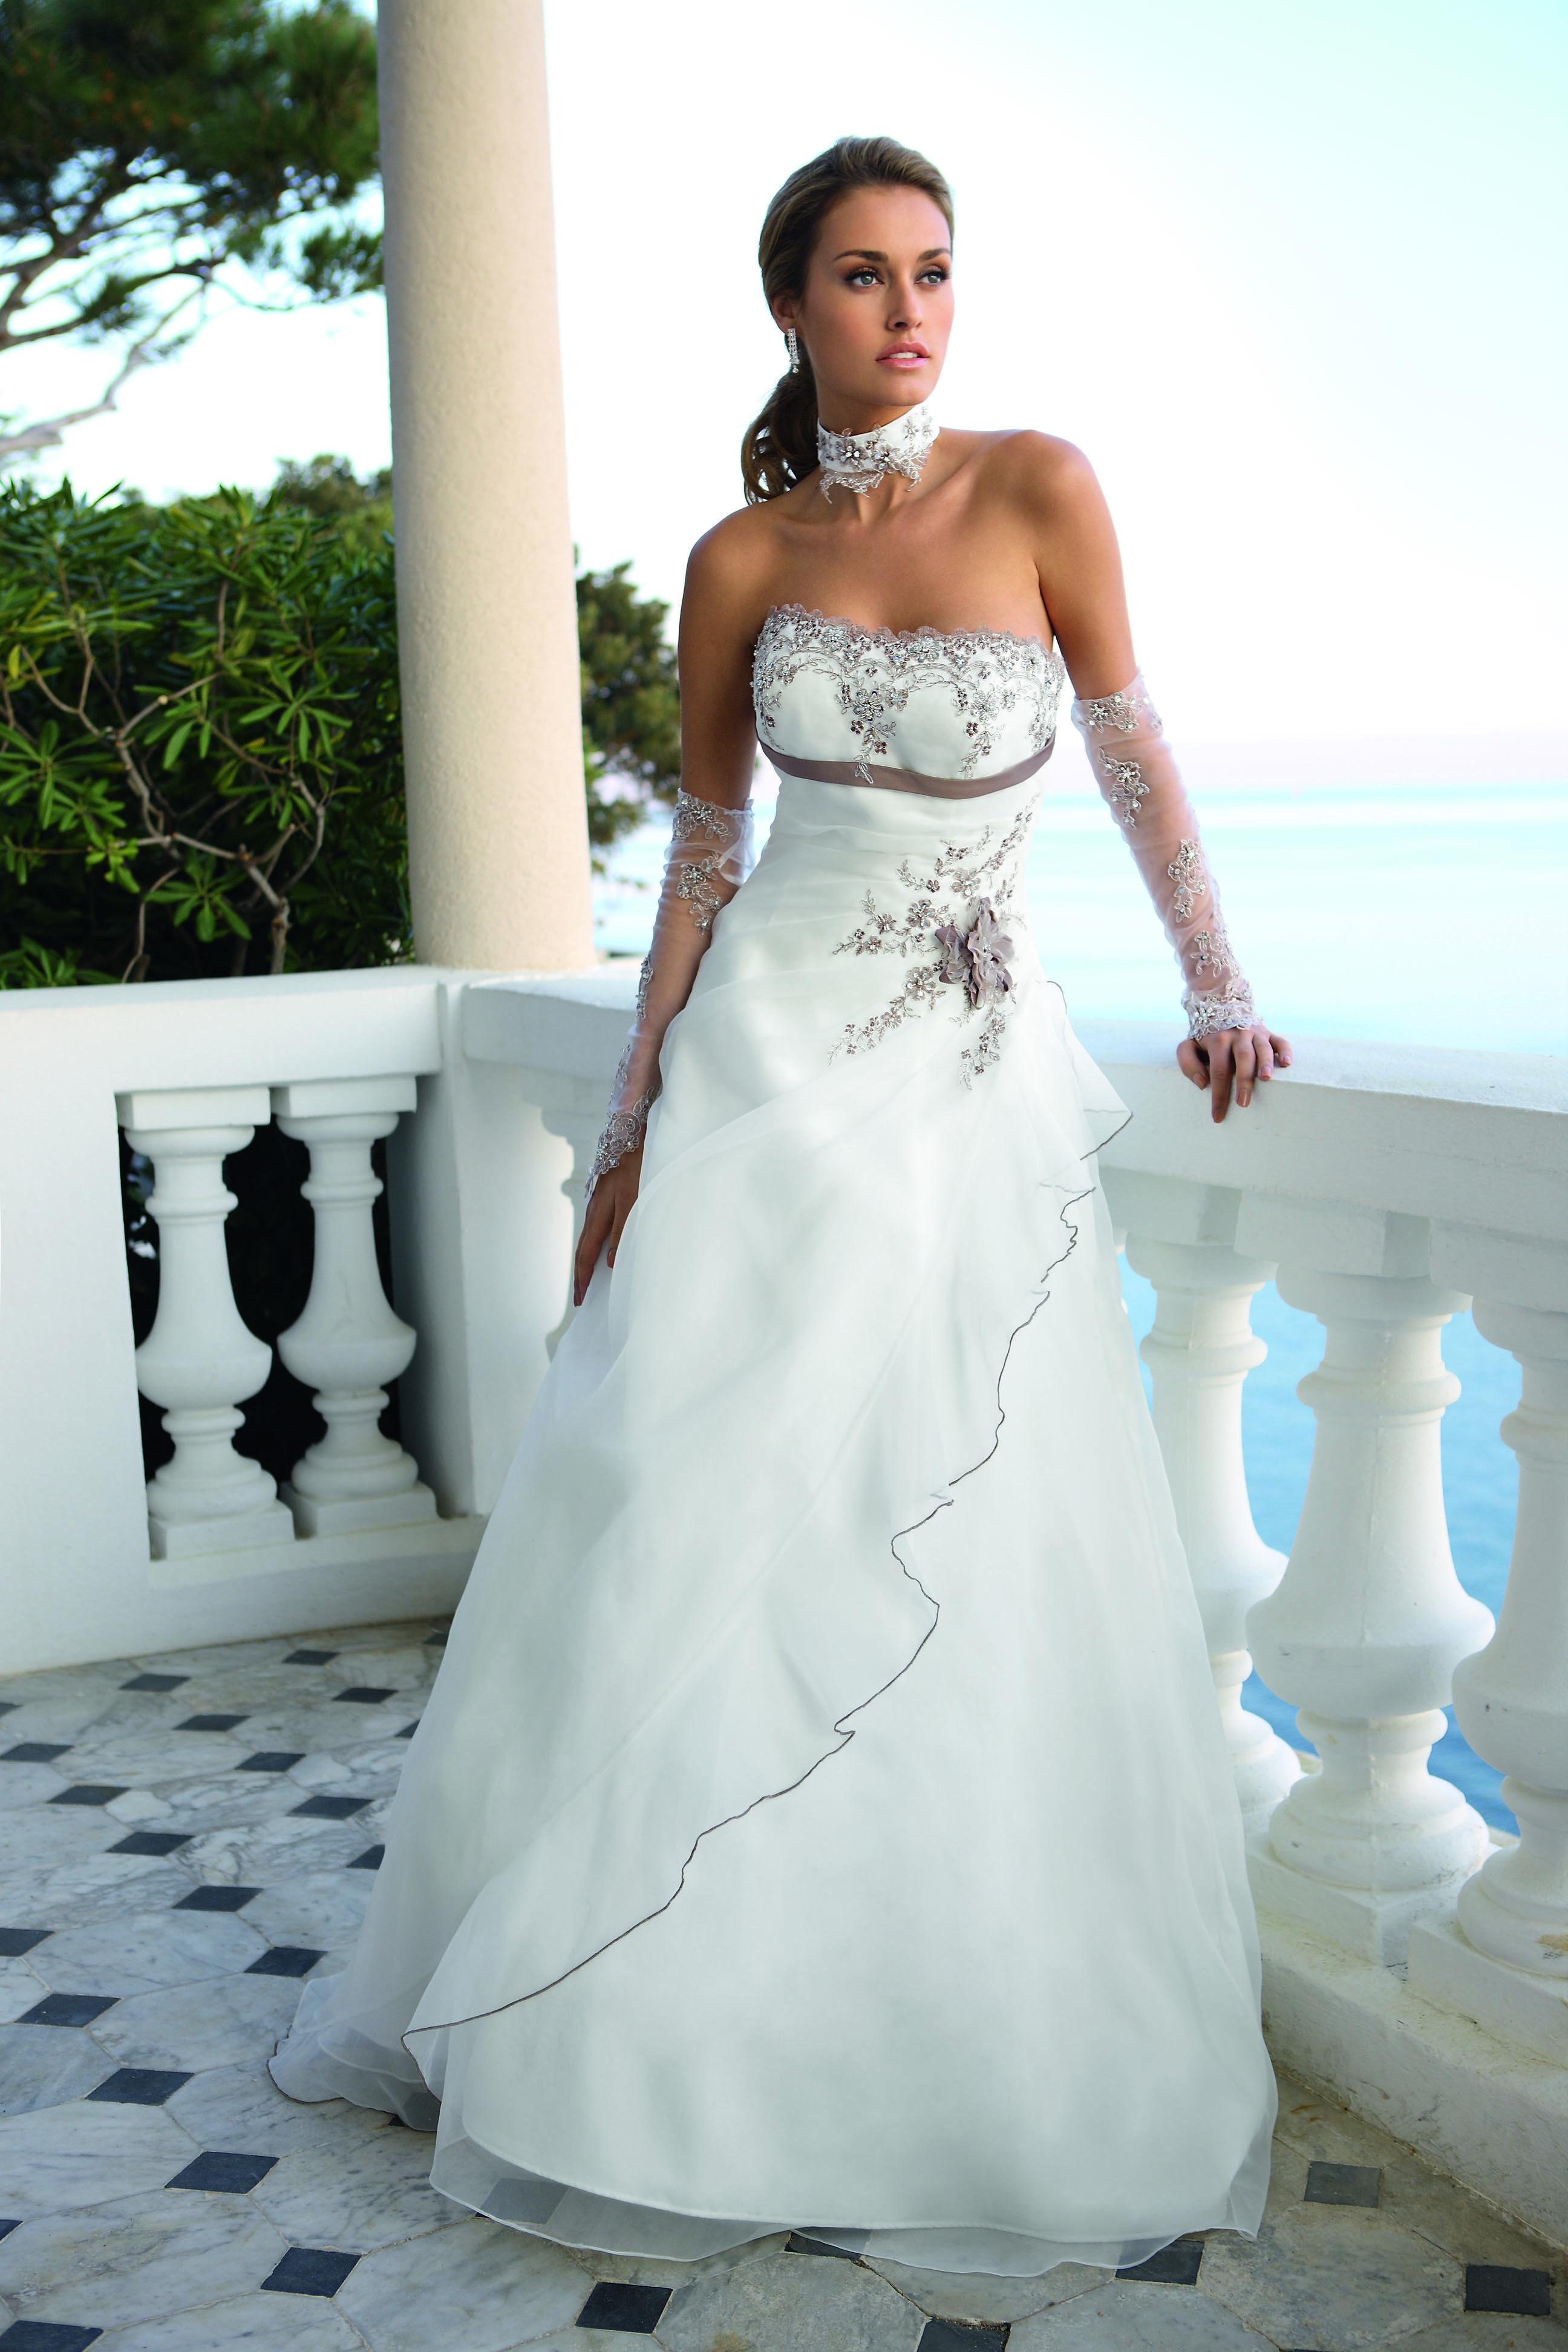 Ladybird Wedding Dress Style 33069 Ivory Cappuccino Silver Brautkleid Hochzeitskleid Hochzeitskleid Creme